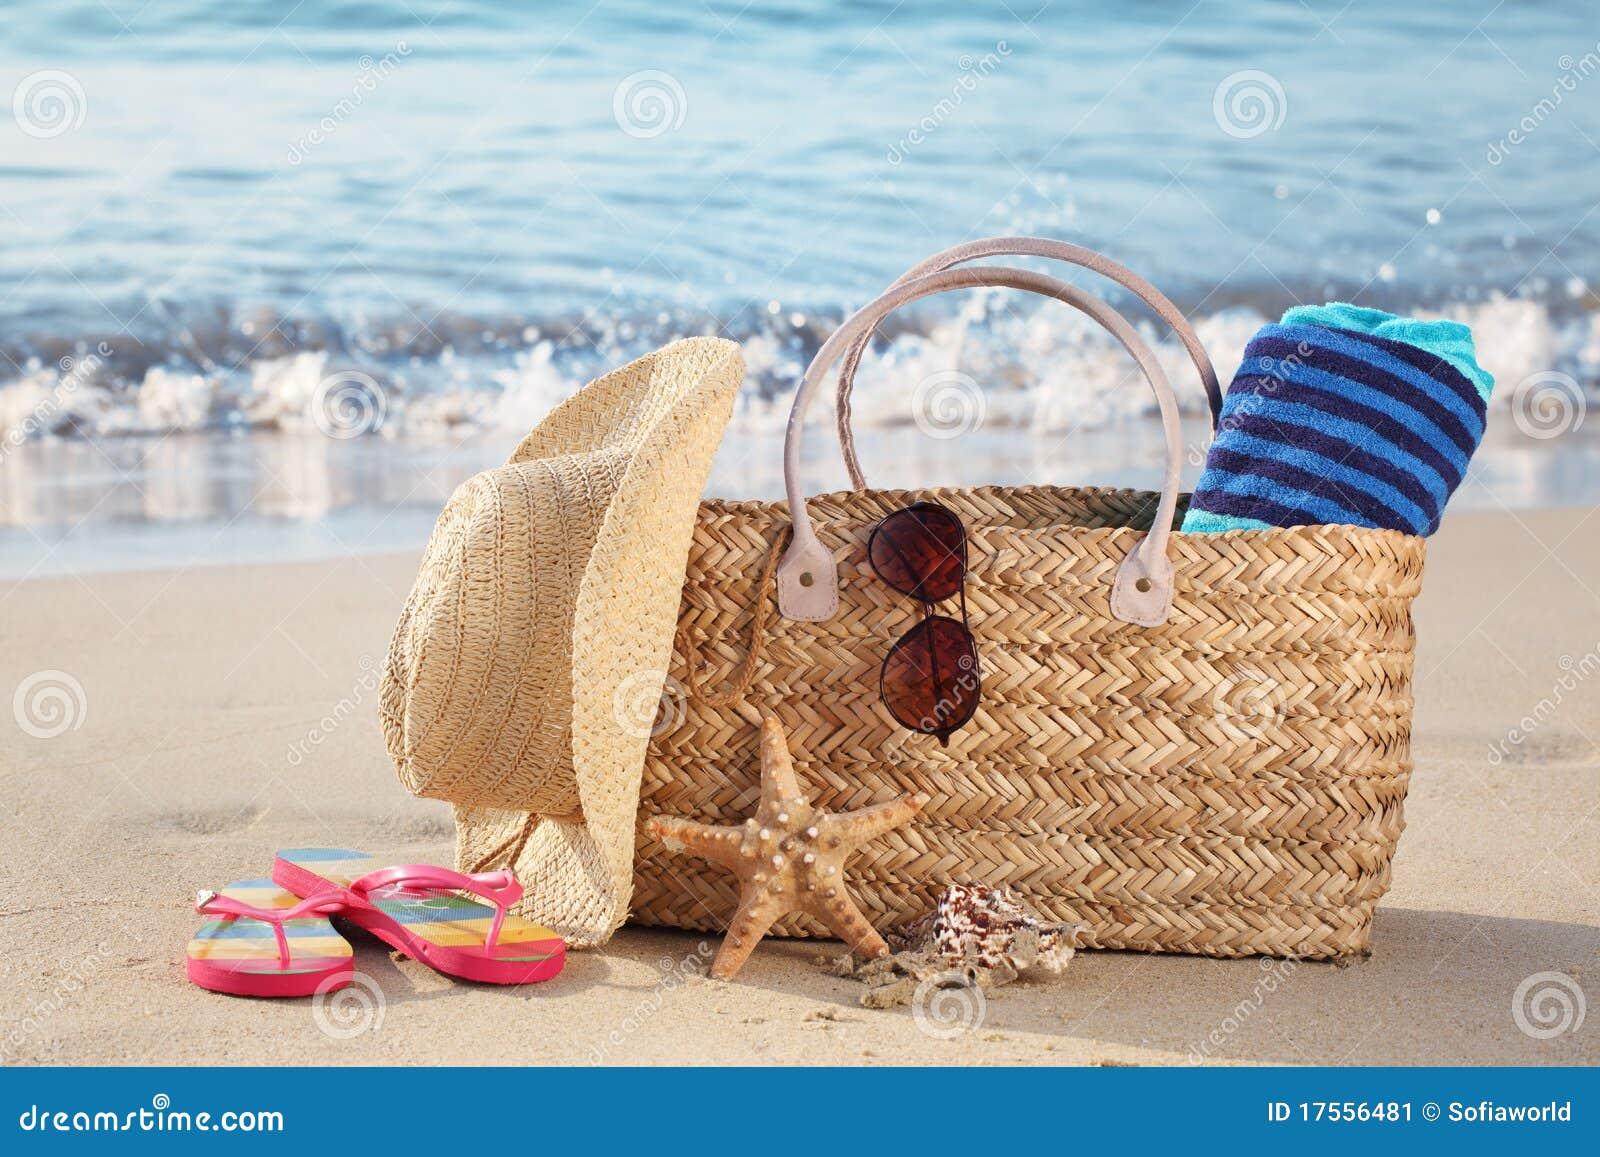 袋子海滩含沙夏天